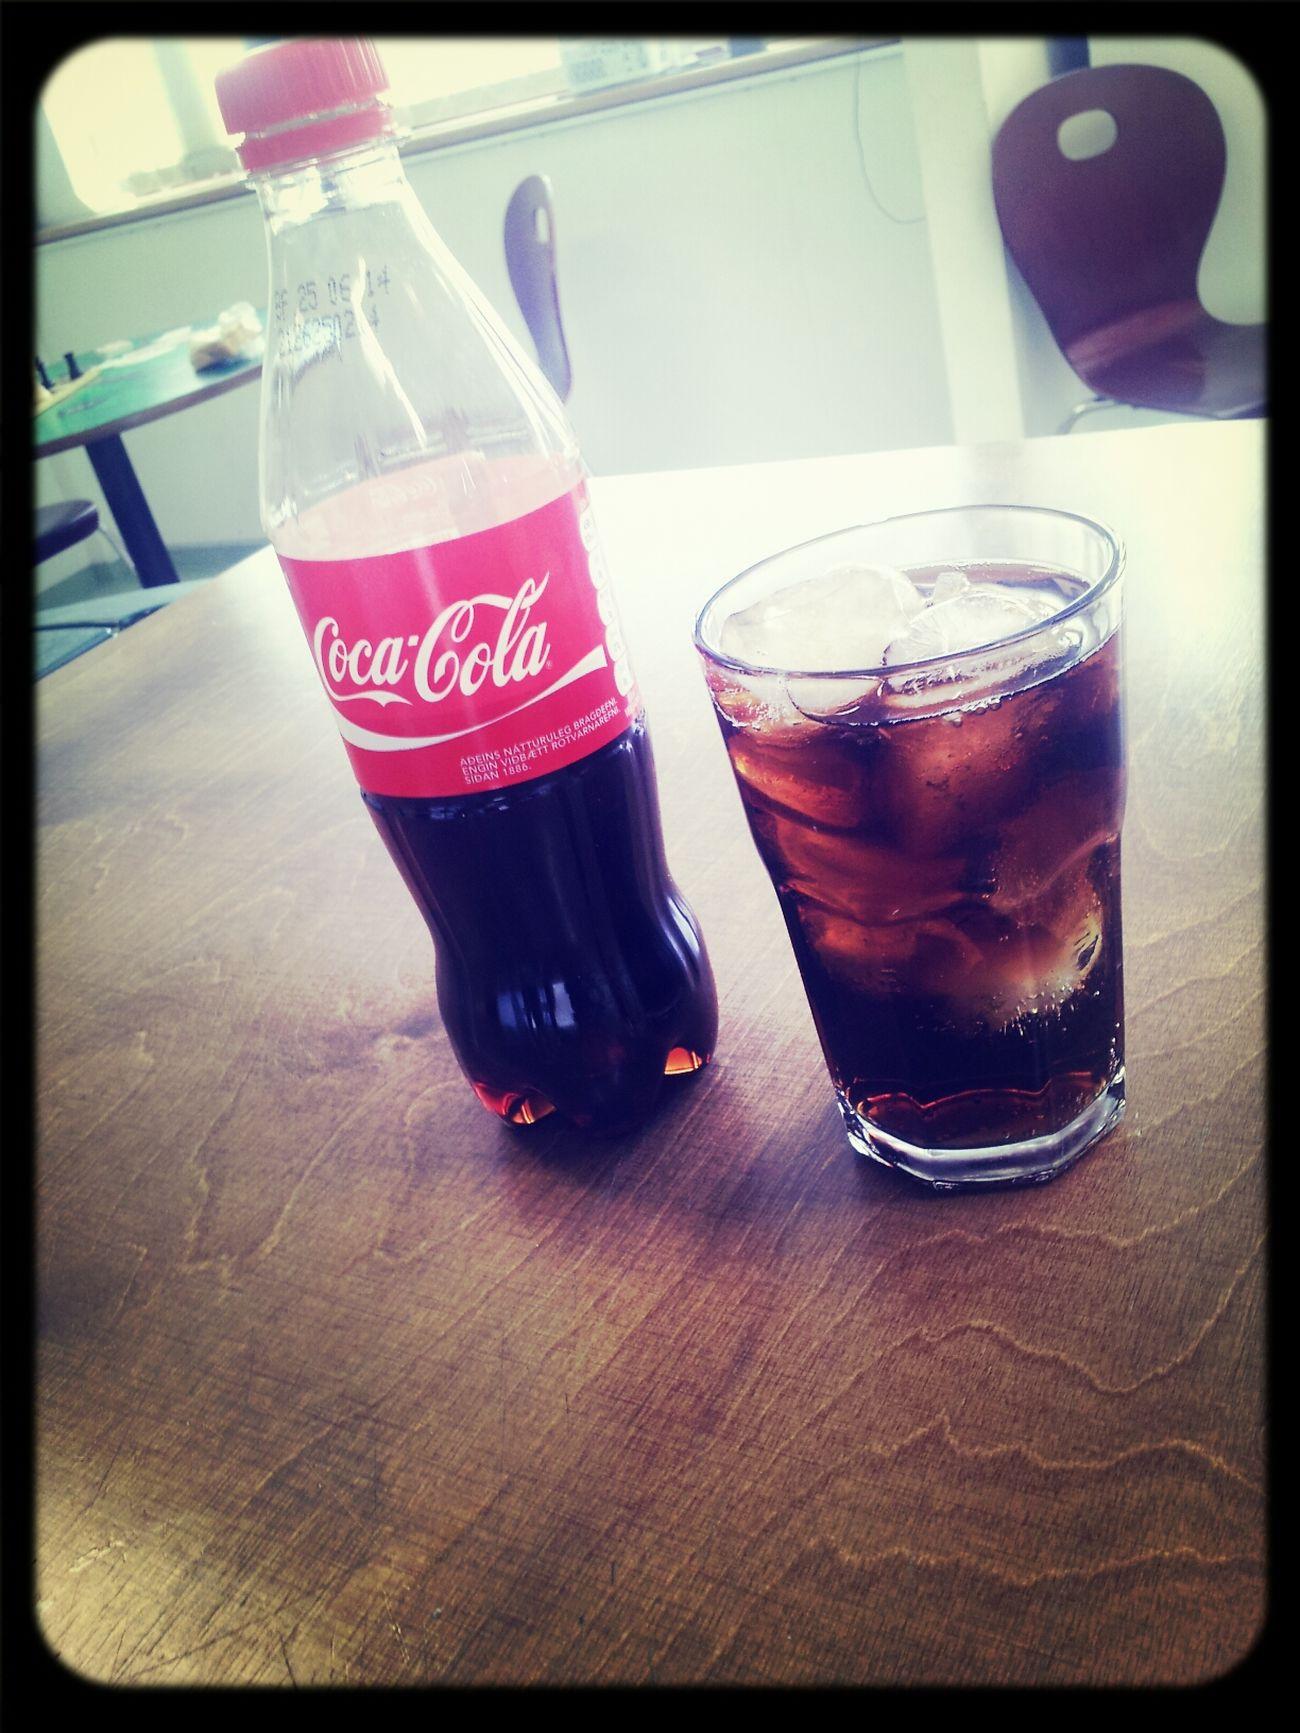 þegar maður er buinn að standa sig vel. þa verðlaunar maður sig með coca cola. Working Cocacola #drink First Eyeem Photo